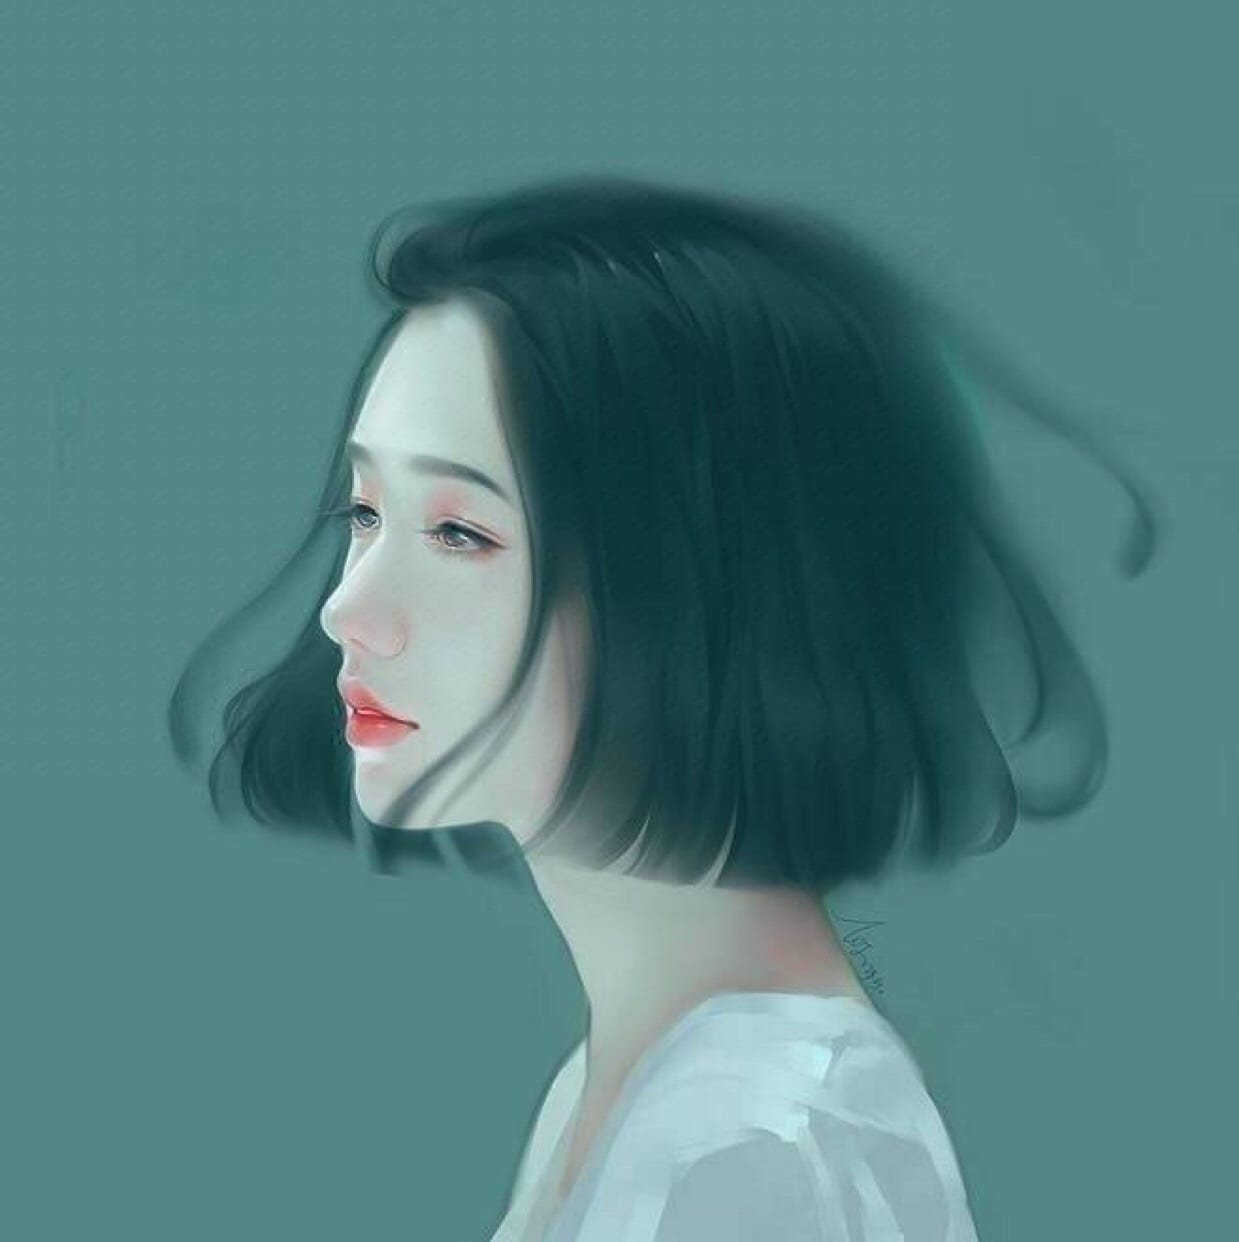 锦瑟_83